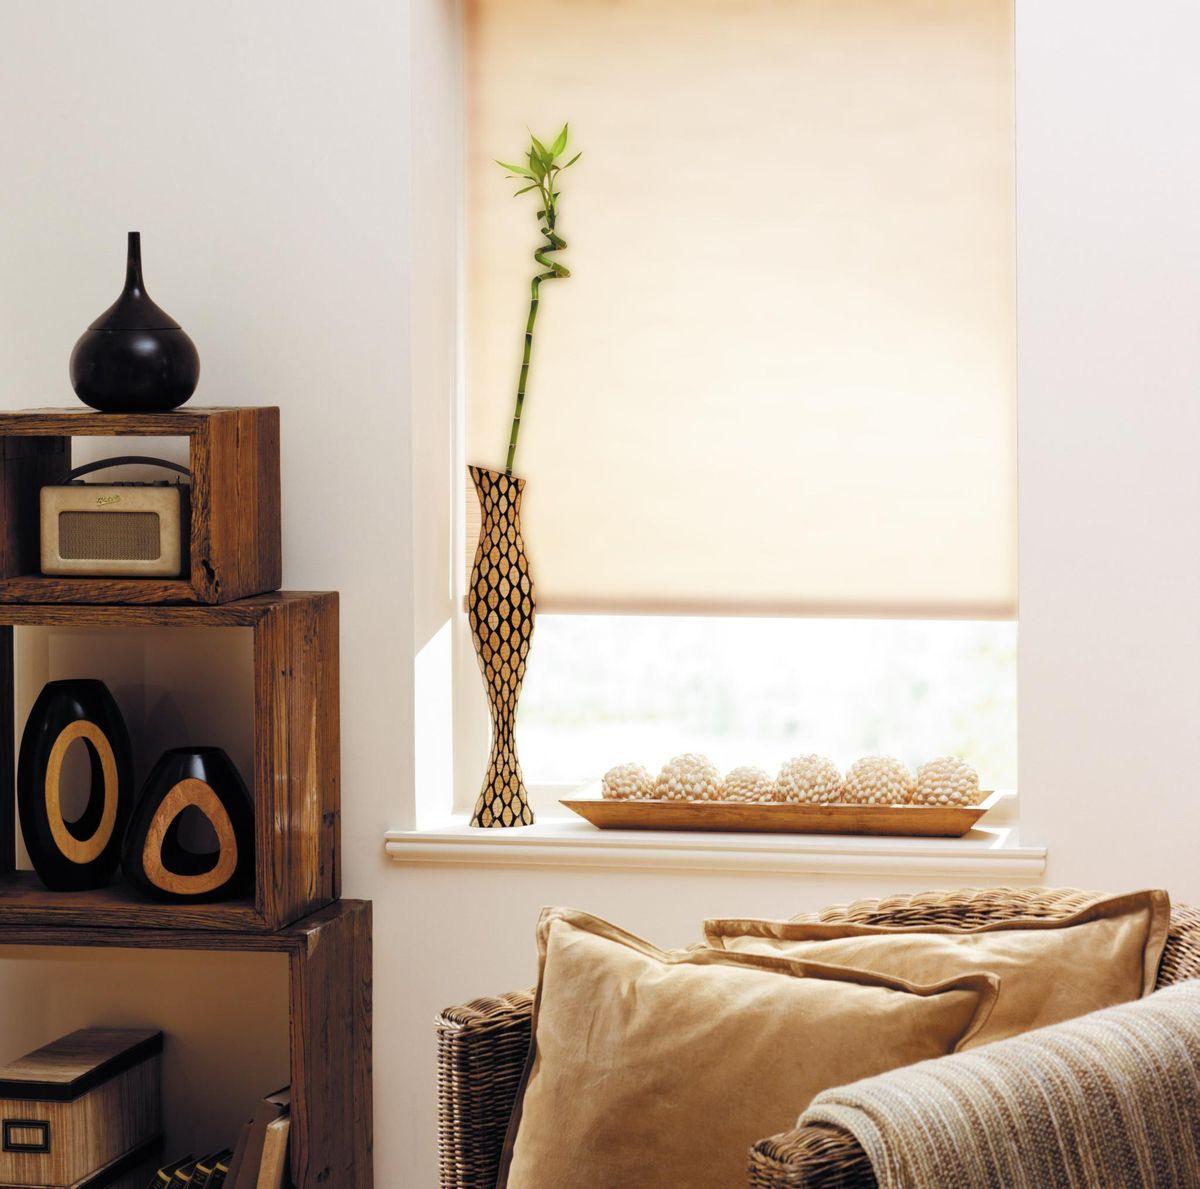 Штора рулонная Эскар, цвет: бежевый лен, ширина 120 см, высота 170 см112825Рулонными шторами можно оформлять окна как самостоятельно, так и использовать в комбинации с портьерами. Это поможет предотвратить выгорание дорогой ткани на солнце и соединит функционал рулонных с красотой навесных.Преимущества применения рулонных штор для пластиковых окон:- имеют прекрасный внешний вид: многообразие и фактурность материала изделия отлично смотрятся в любом интерьере; - многофункциональны: есть возможность подобрать шторы способные эффективно защитить комнату от солнца, при этом о на не будет слишком темной. - Есть возможность осуществить быстрый монтаж. ВНИМАНИЕ! Размеры ширины изделия указаны по ширине ткани!Во время эксплуатации не рекомендуется полностью разматывать рулон, чтобы не оторвать ткань от намоточного вала.В случае загрязнения поверхности ткани, чистку шторы проводят одним из способов, в зависимости от типа загрязнения: легкое поверхностное загрязнение можно удалить при помощи канцелярского ластика; чистка от пыли производится сухим методом при помощи пылесоса с мягкой щеткой-насадкой; для удаления пятна используйте мягкую губку с пенообразующим неагрессивным моющим средством или пятновыводитель на натуральной основе (нельзя применять растворители).